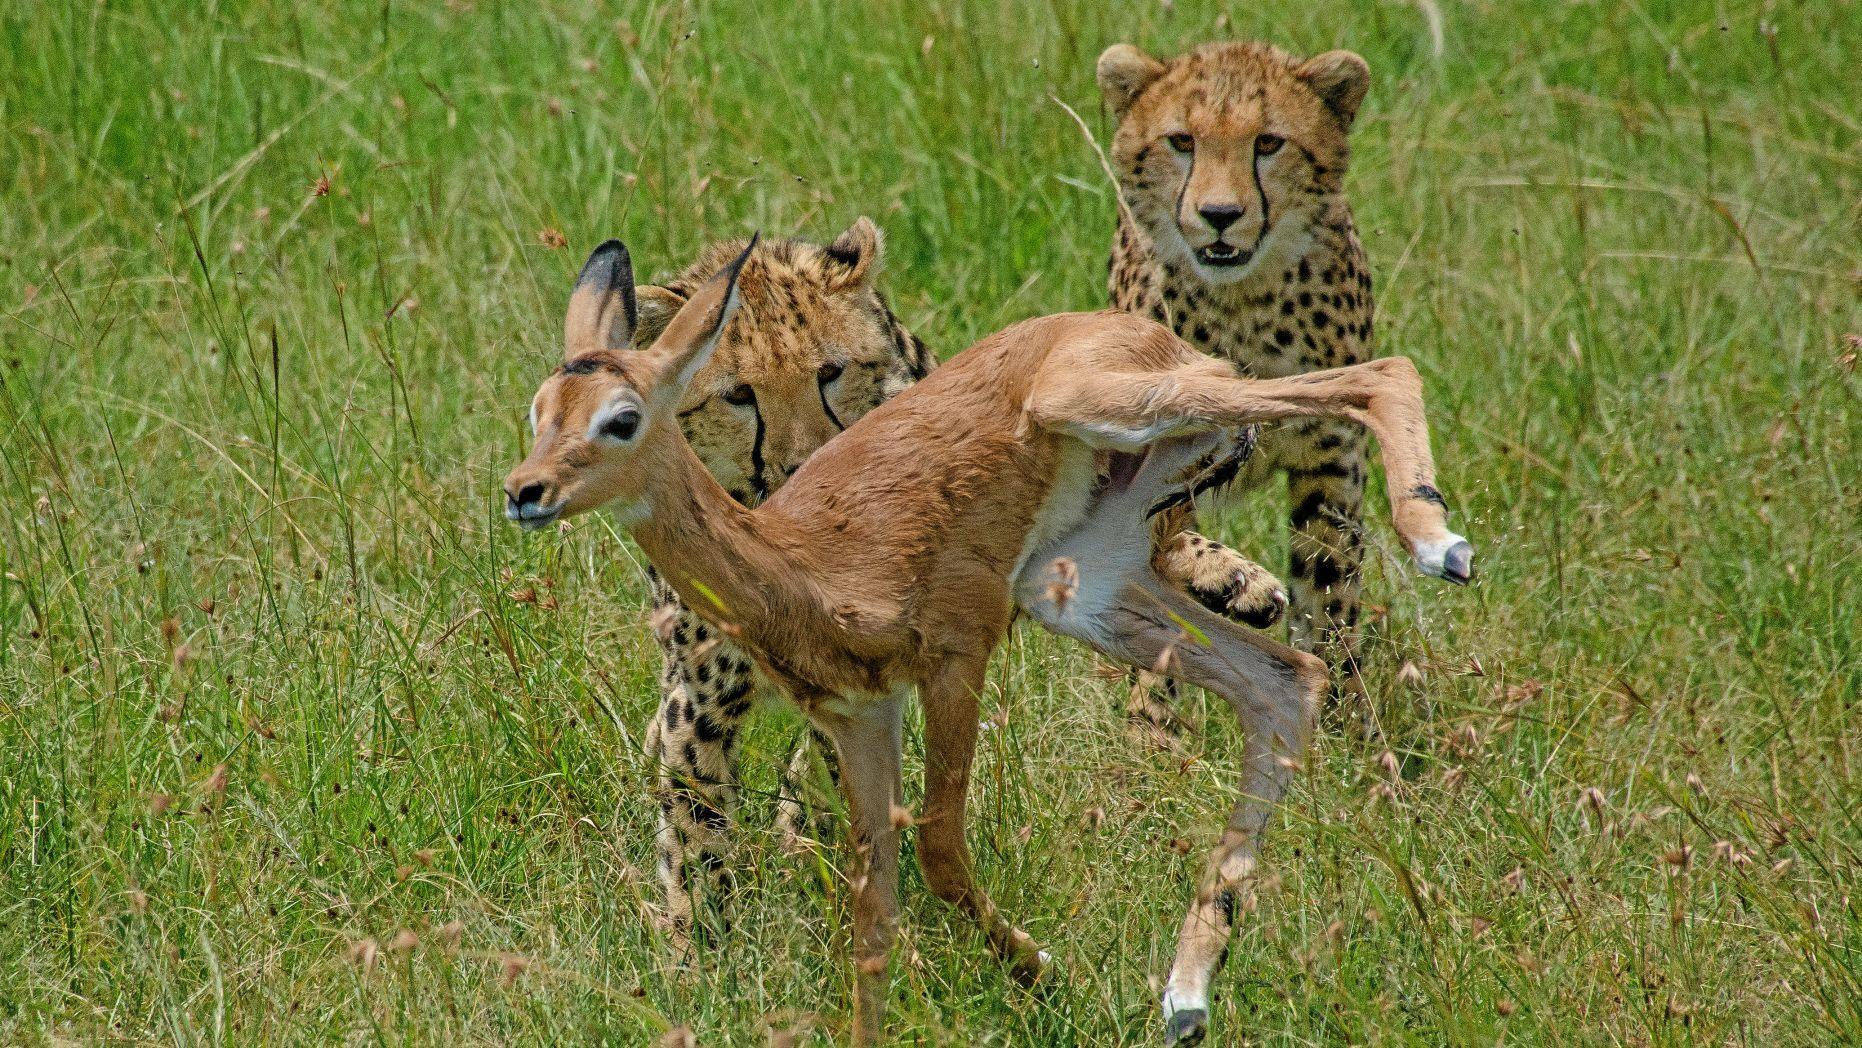 Báo mẹ tách linh dương non khỏi đàn để con tập vờn Ảnh 3